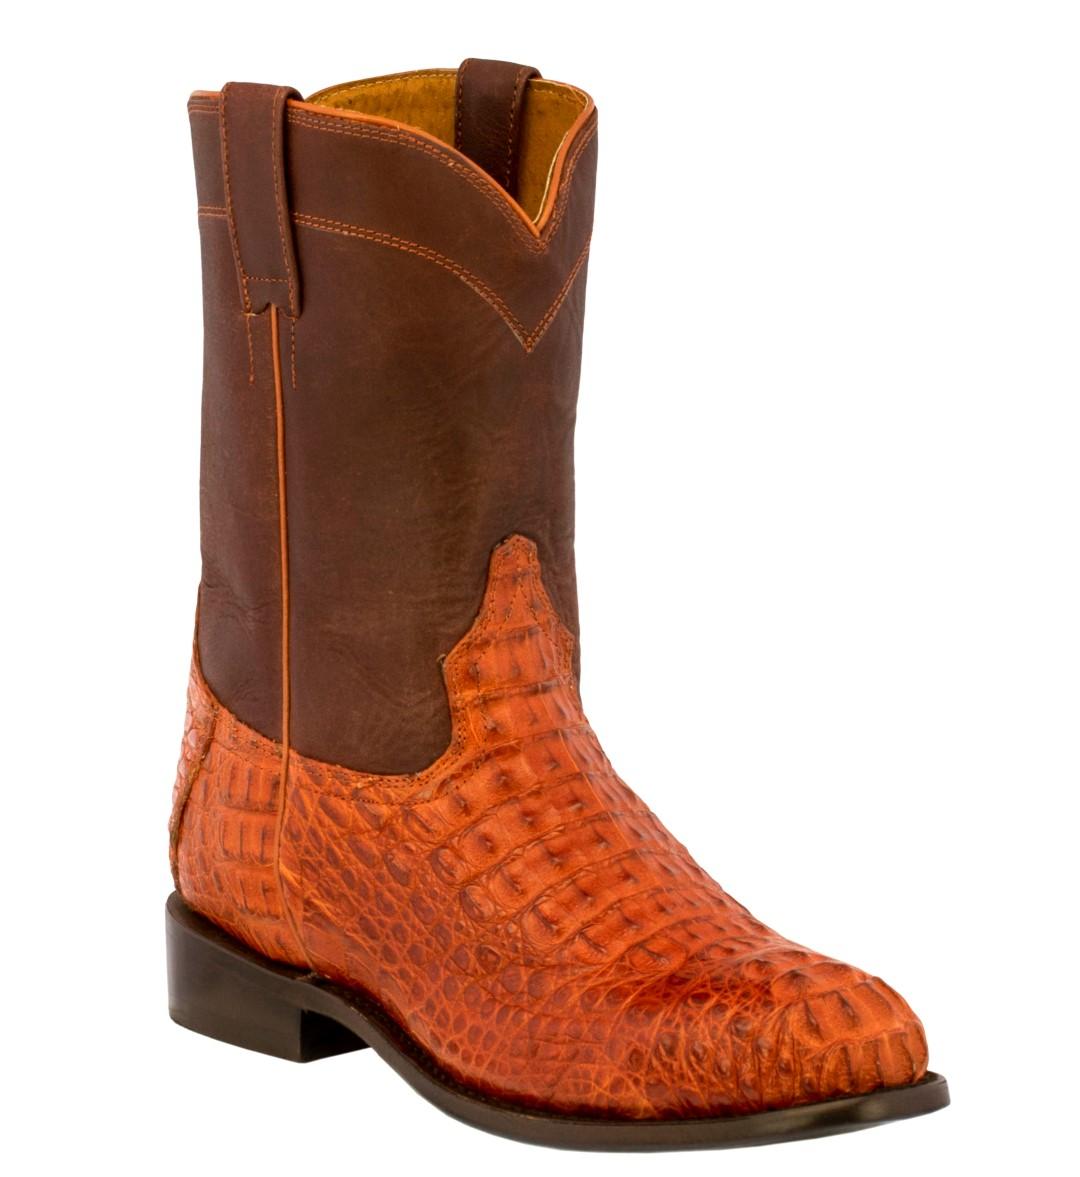 Crocodile skin boots - photo#46